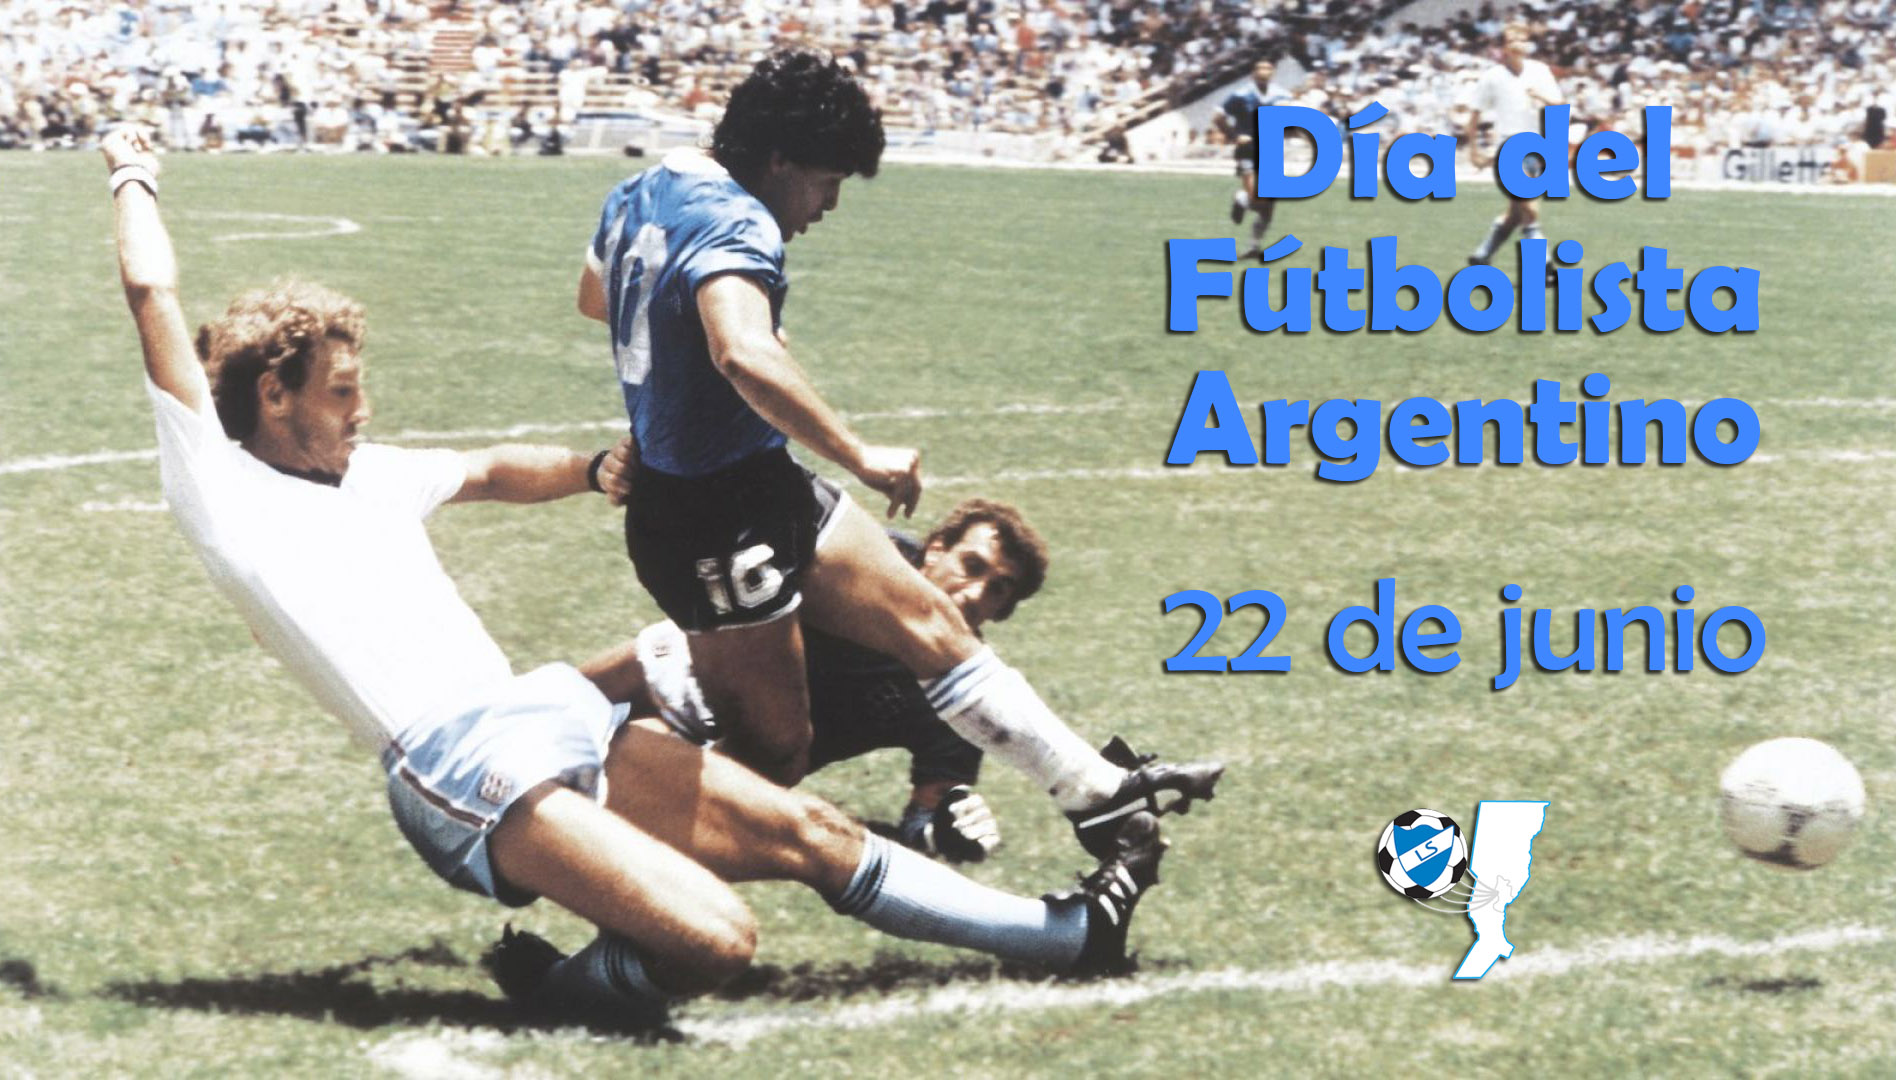 ¡Feliz Día del Futbolista Argentino!